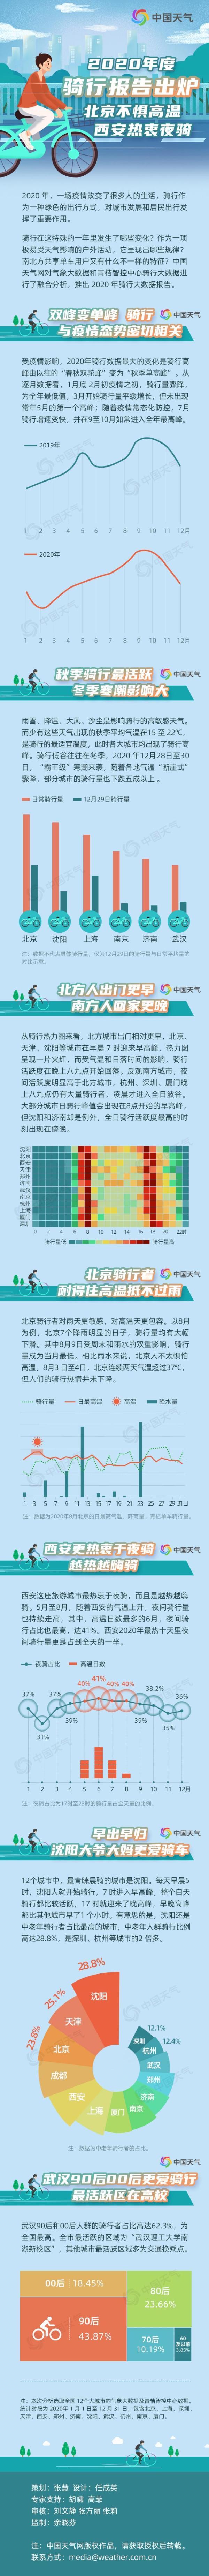 2020年度骑行报告出炉 北京不惧高温西安热衷夜骑